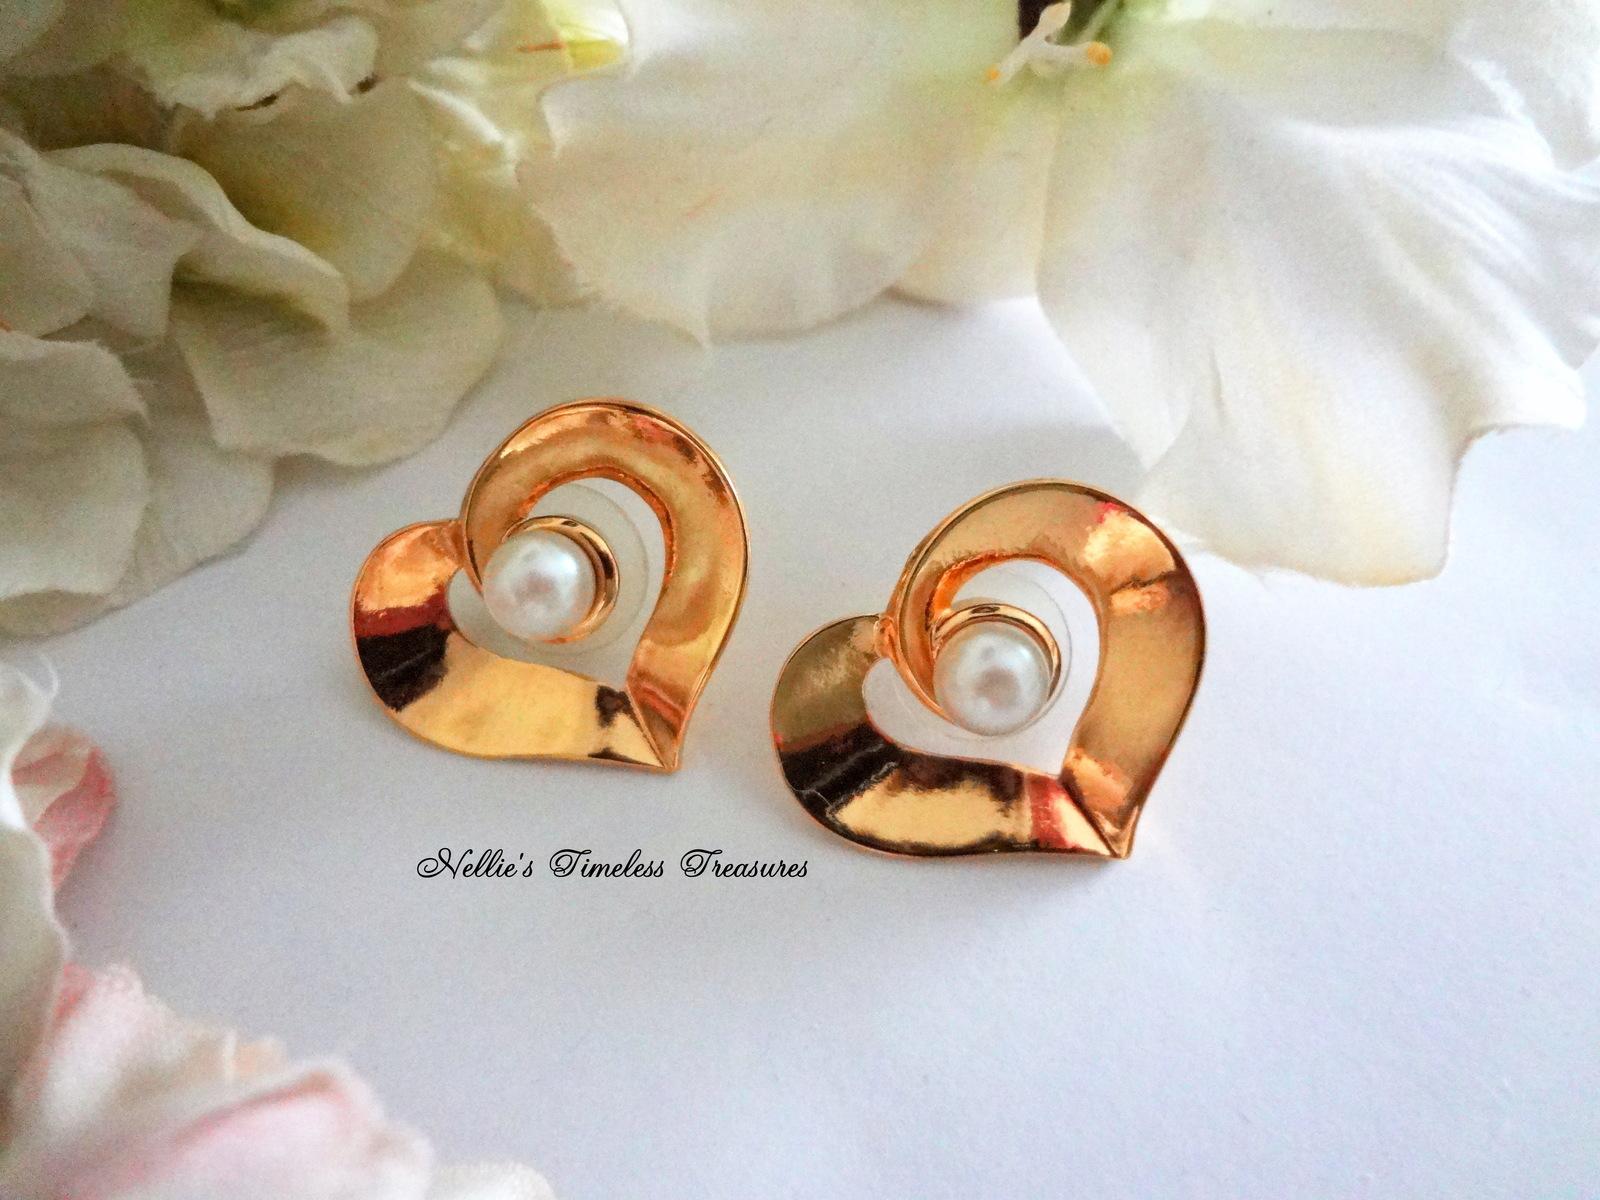 Vintage Avon Pearl and Gold Heart Pierced Stud Earring,Avon Earring,Avon Jewelry - $11.99